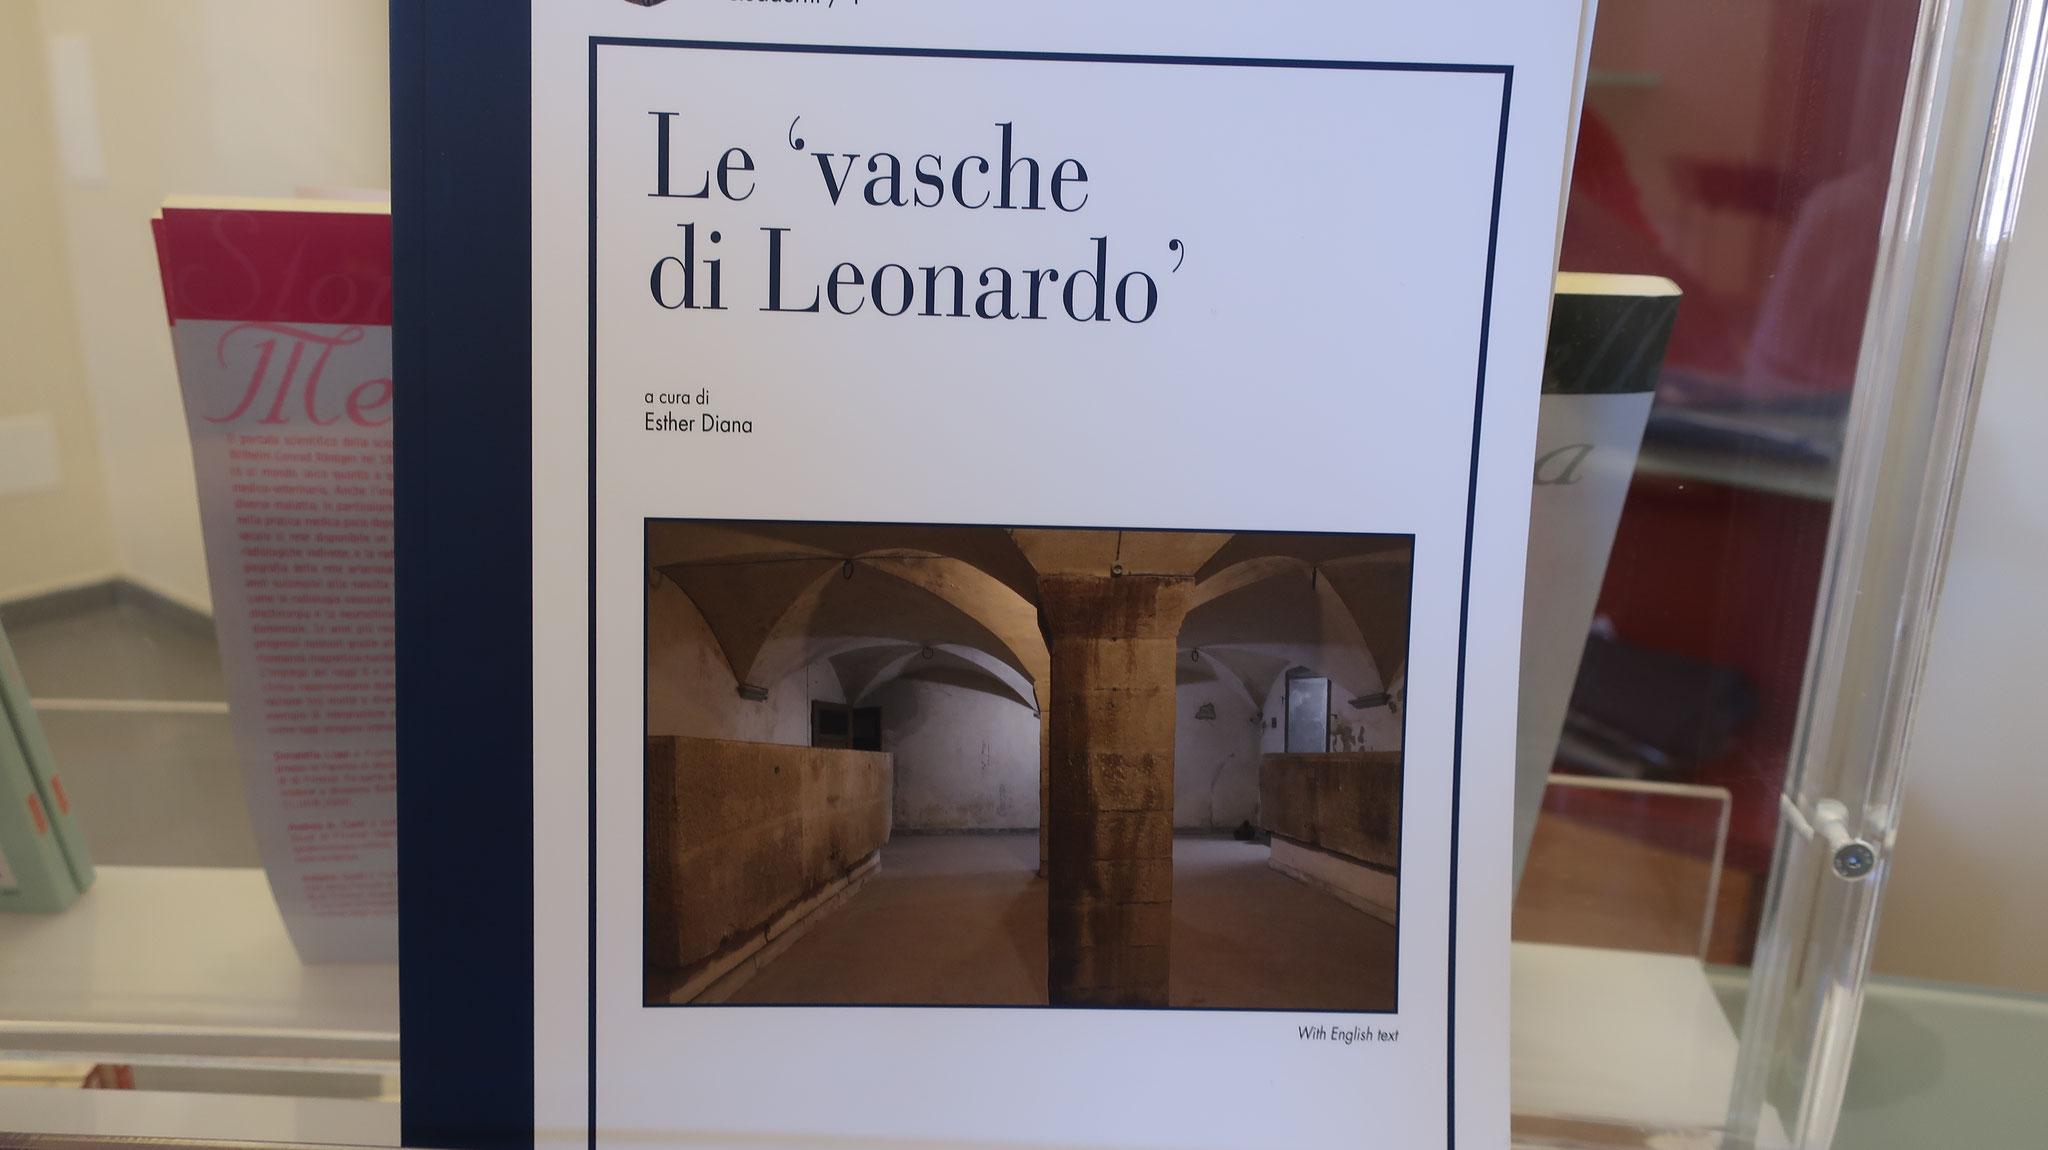 病院の地下には、16世紀、レオナルド・ダ・ヴィンチが遺体を洗った浴槽と、解剖を行った部屋が残っています。